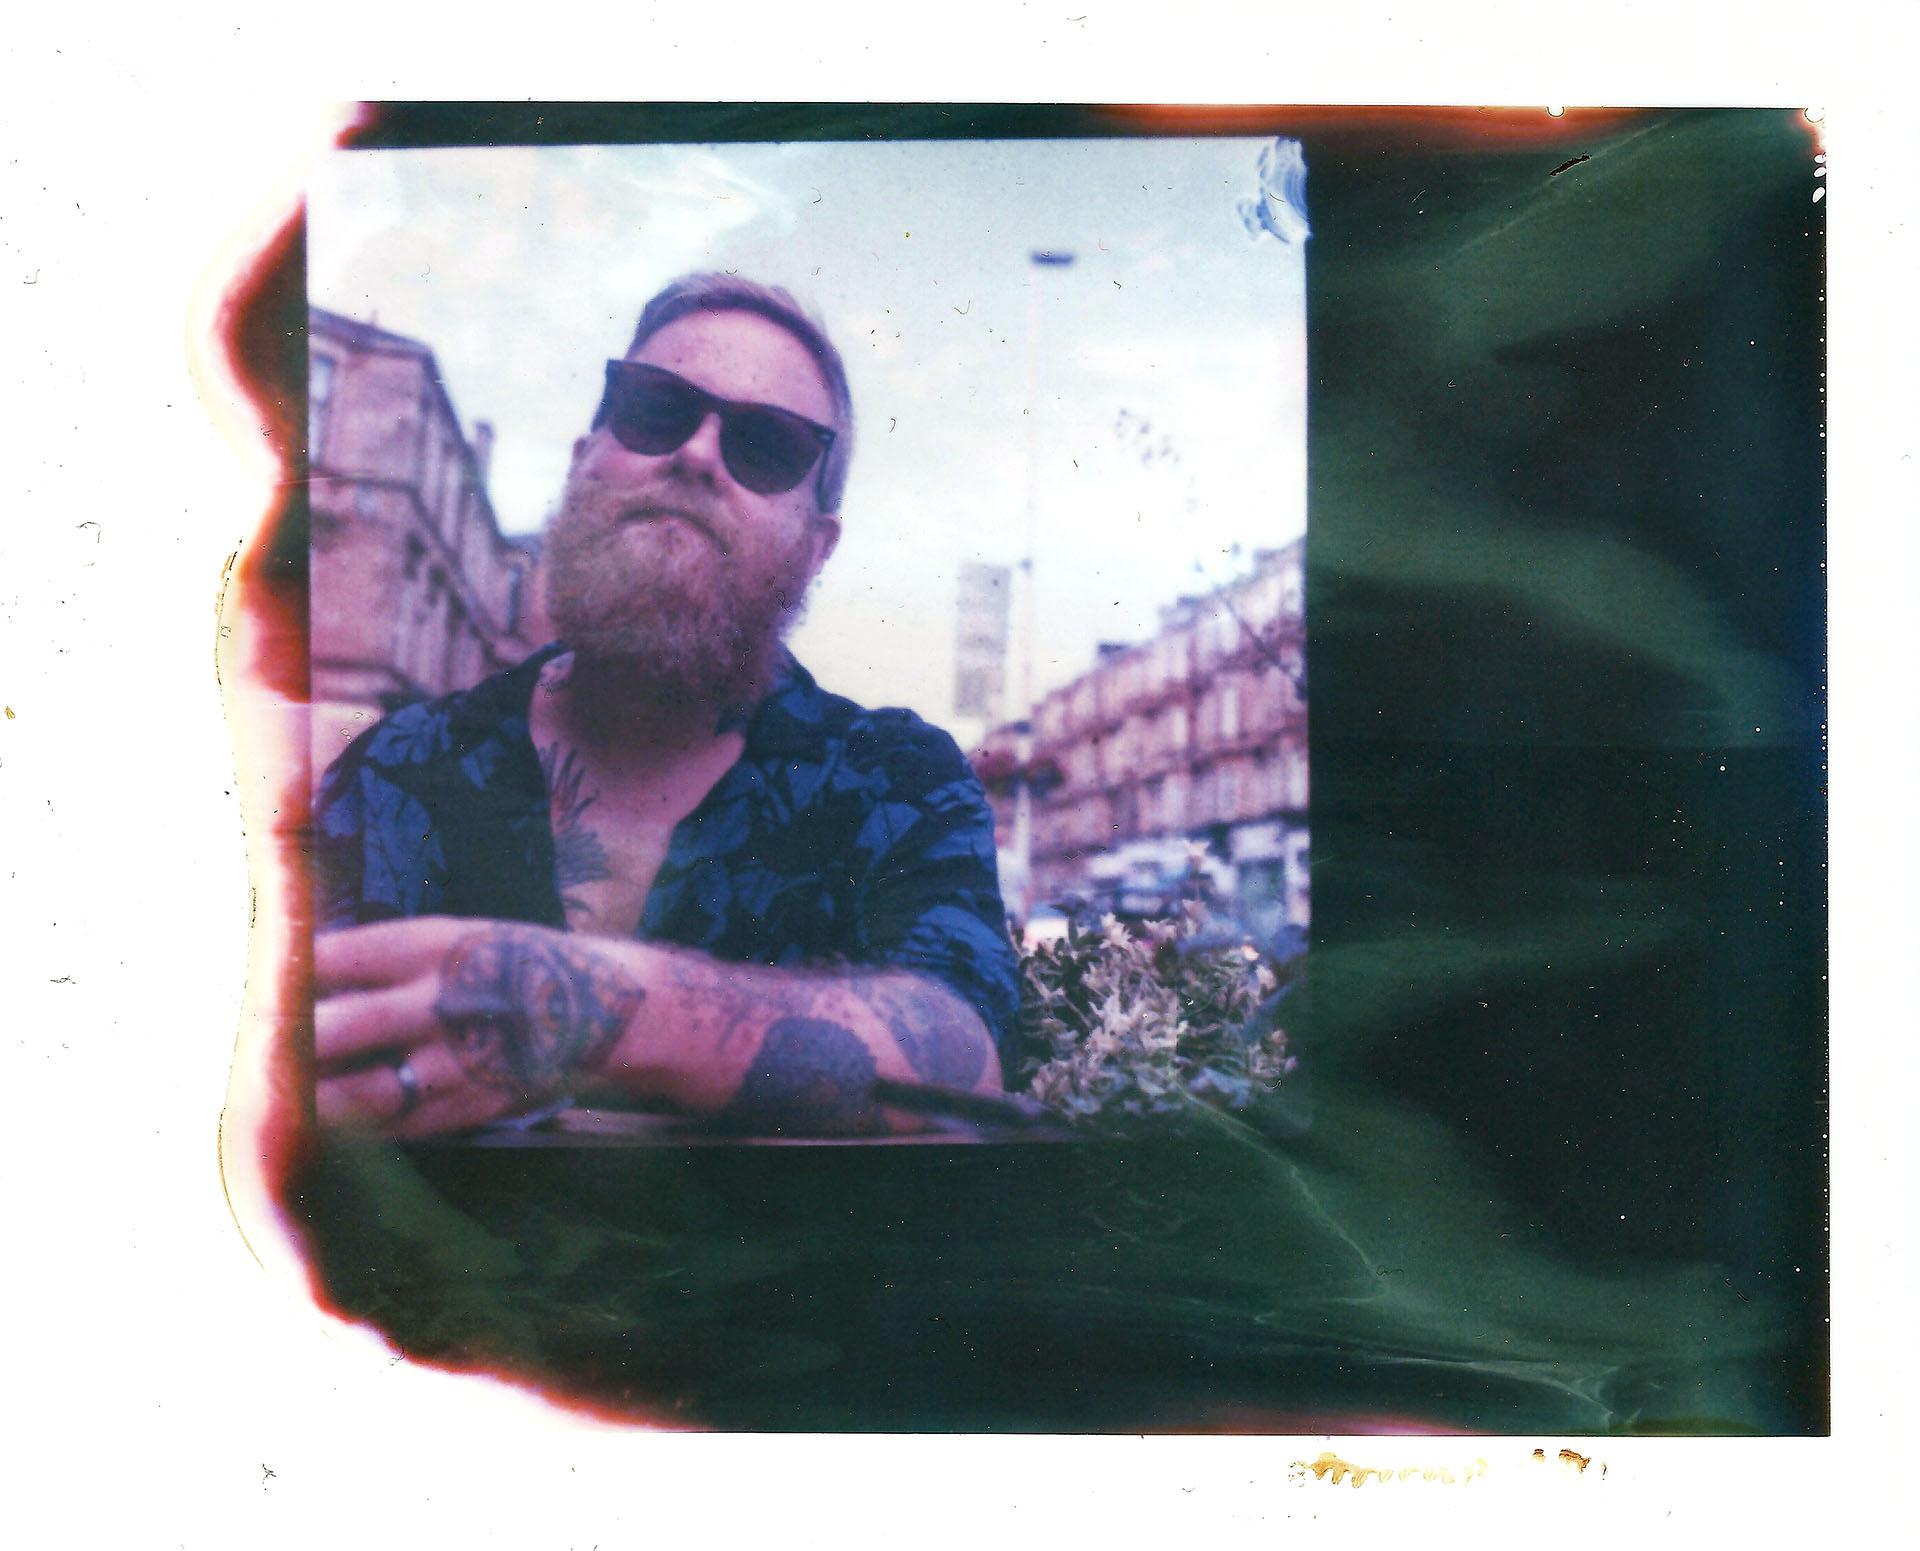 Polaroid 669 film